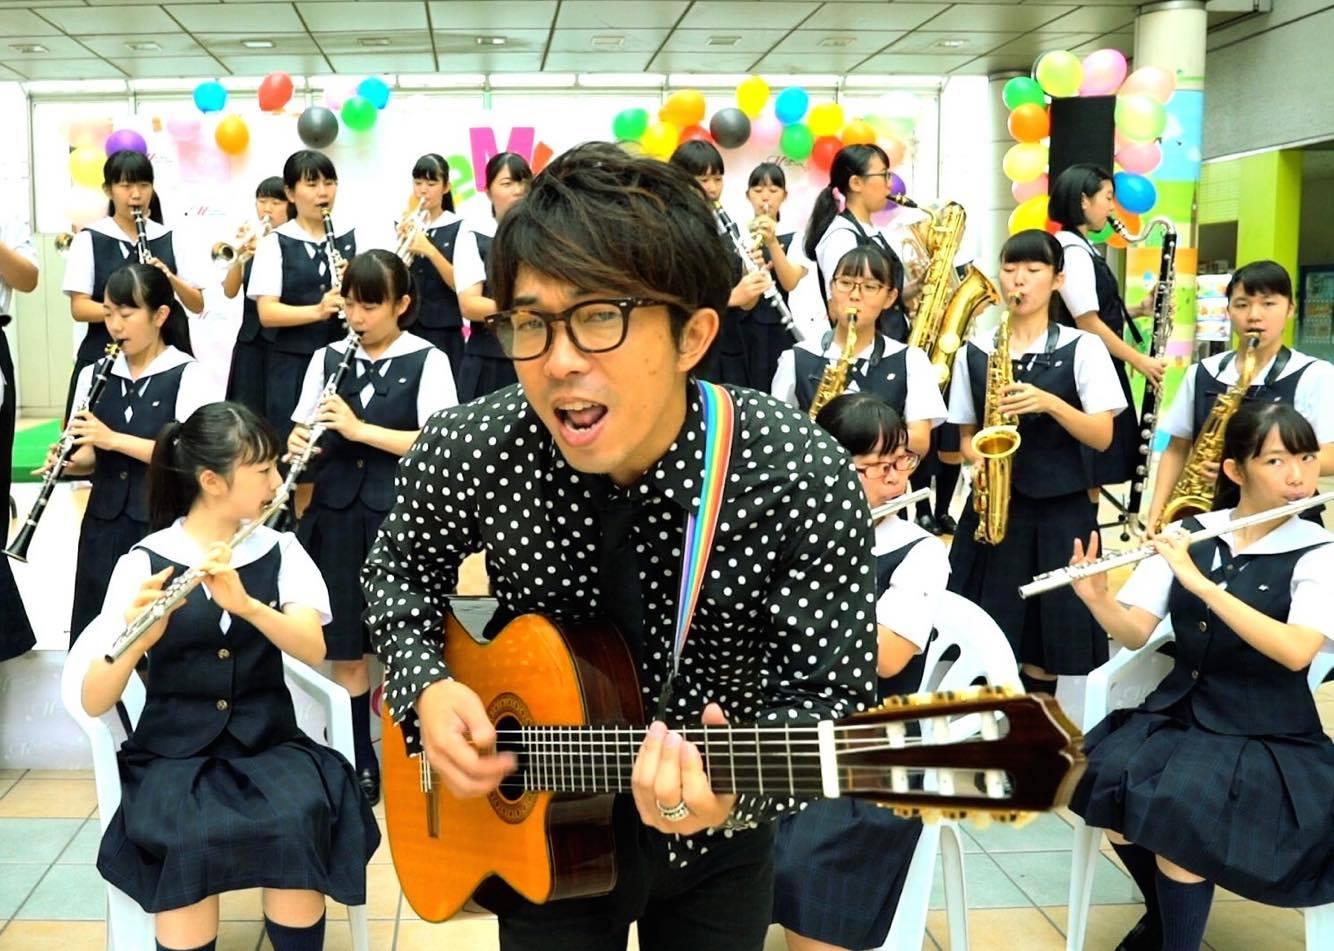 愛と平和の音楽祭 〜After Party〜